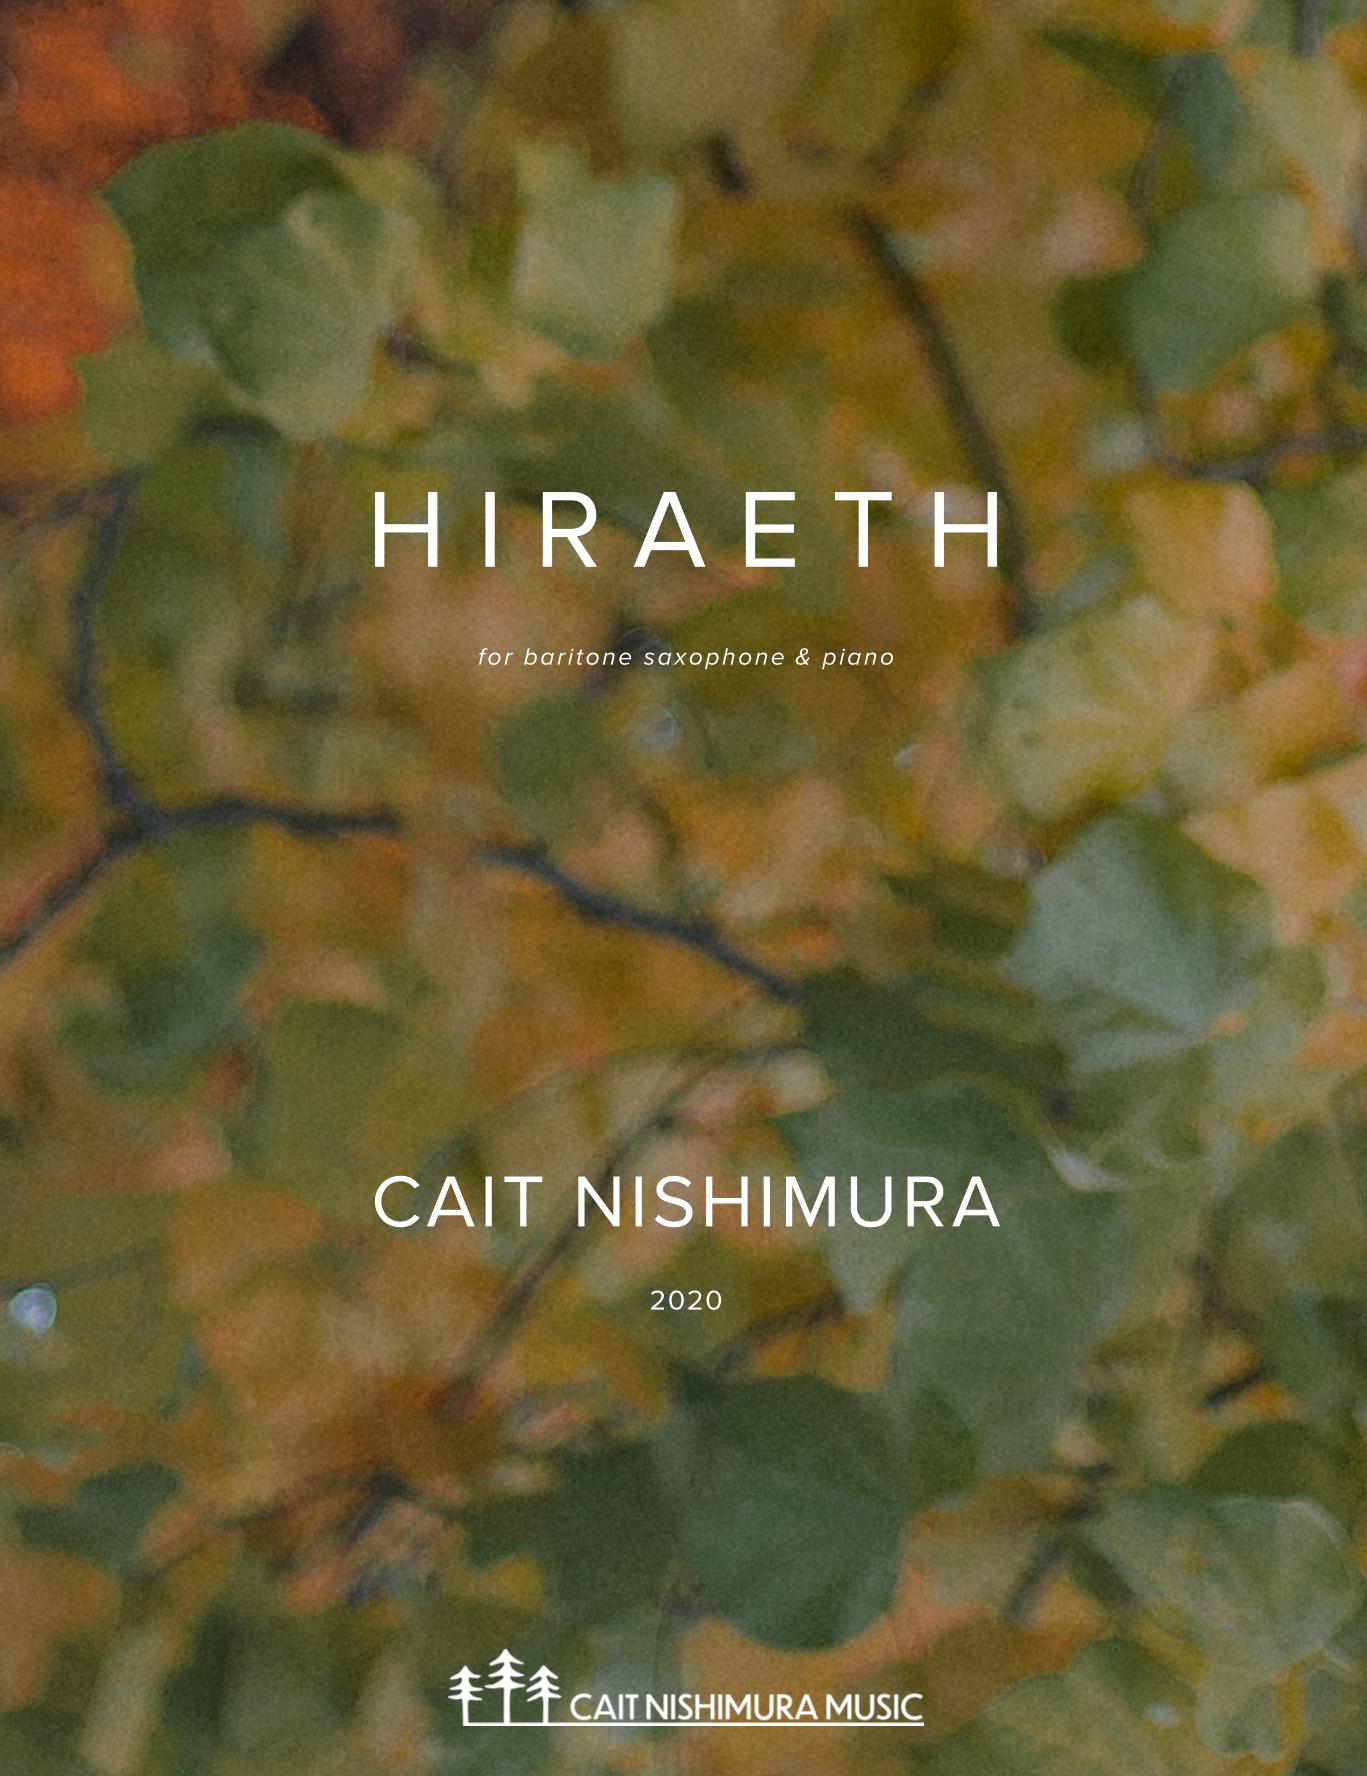 Hiraeth by Cait Nishimura